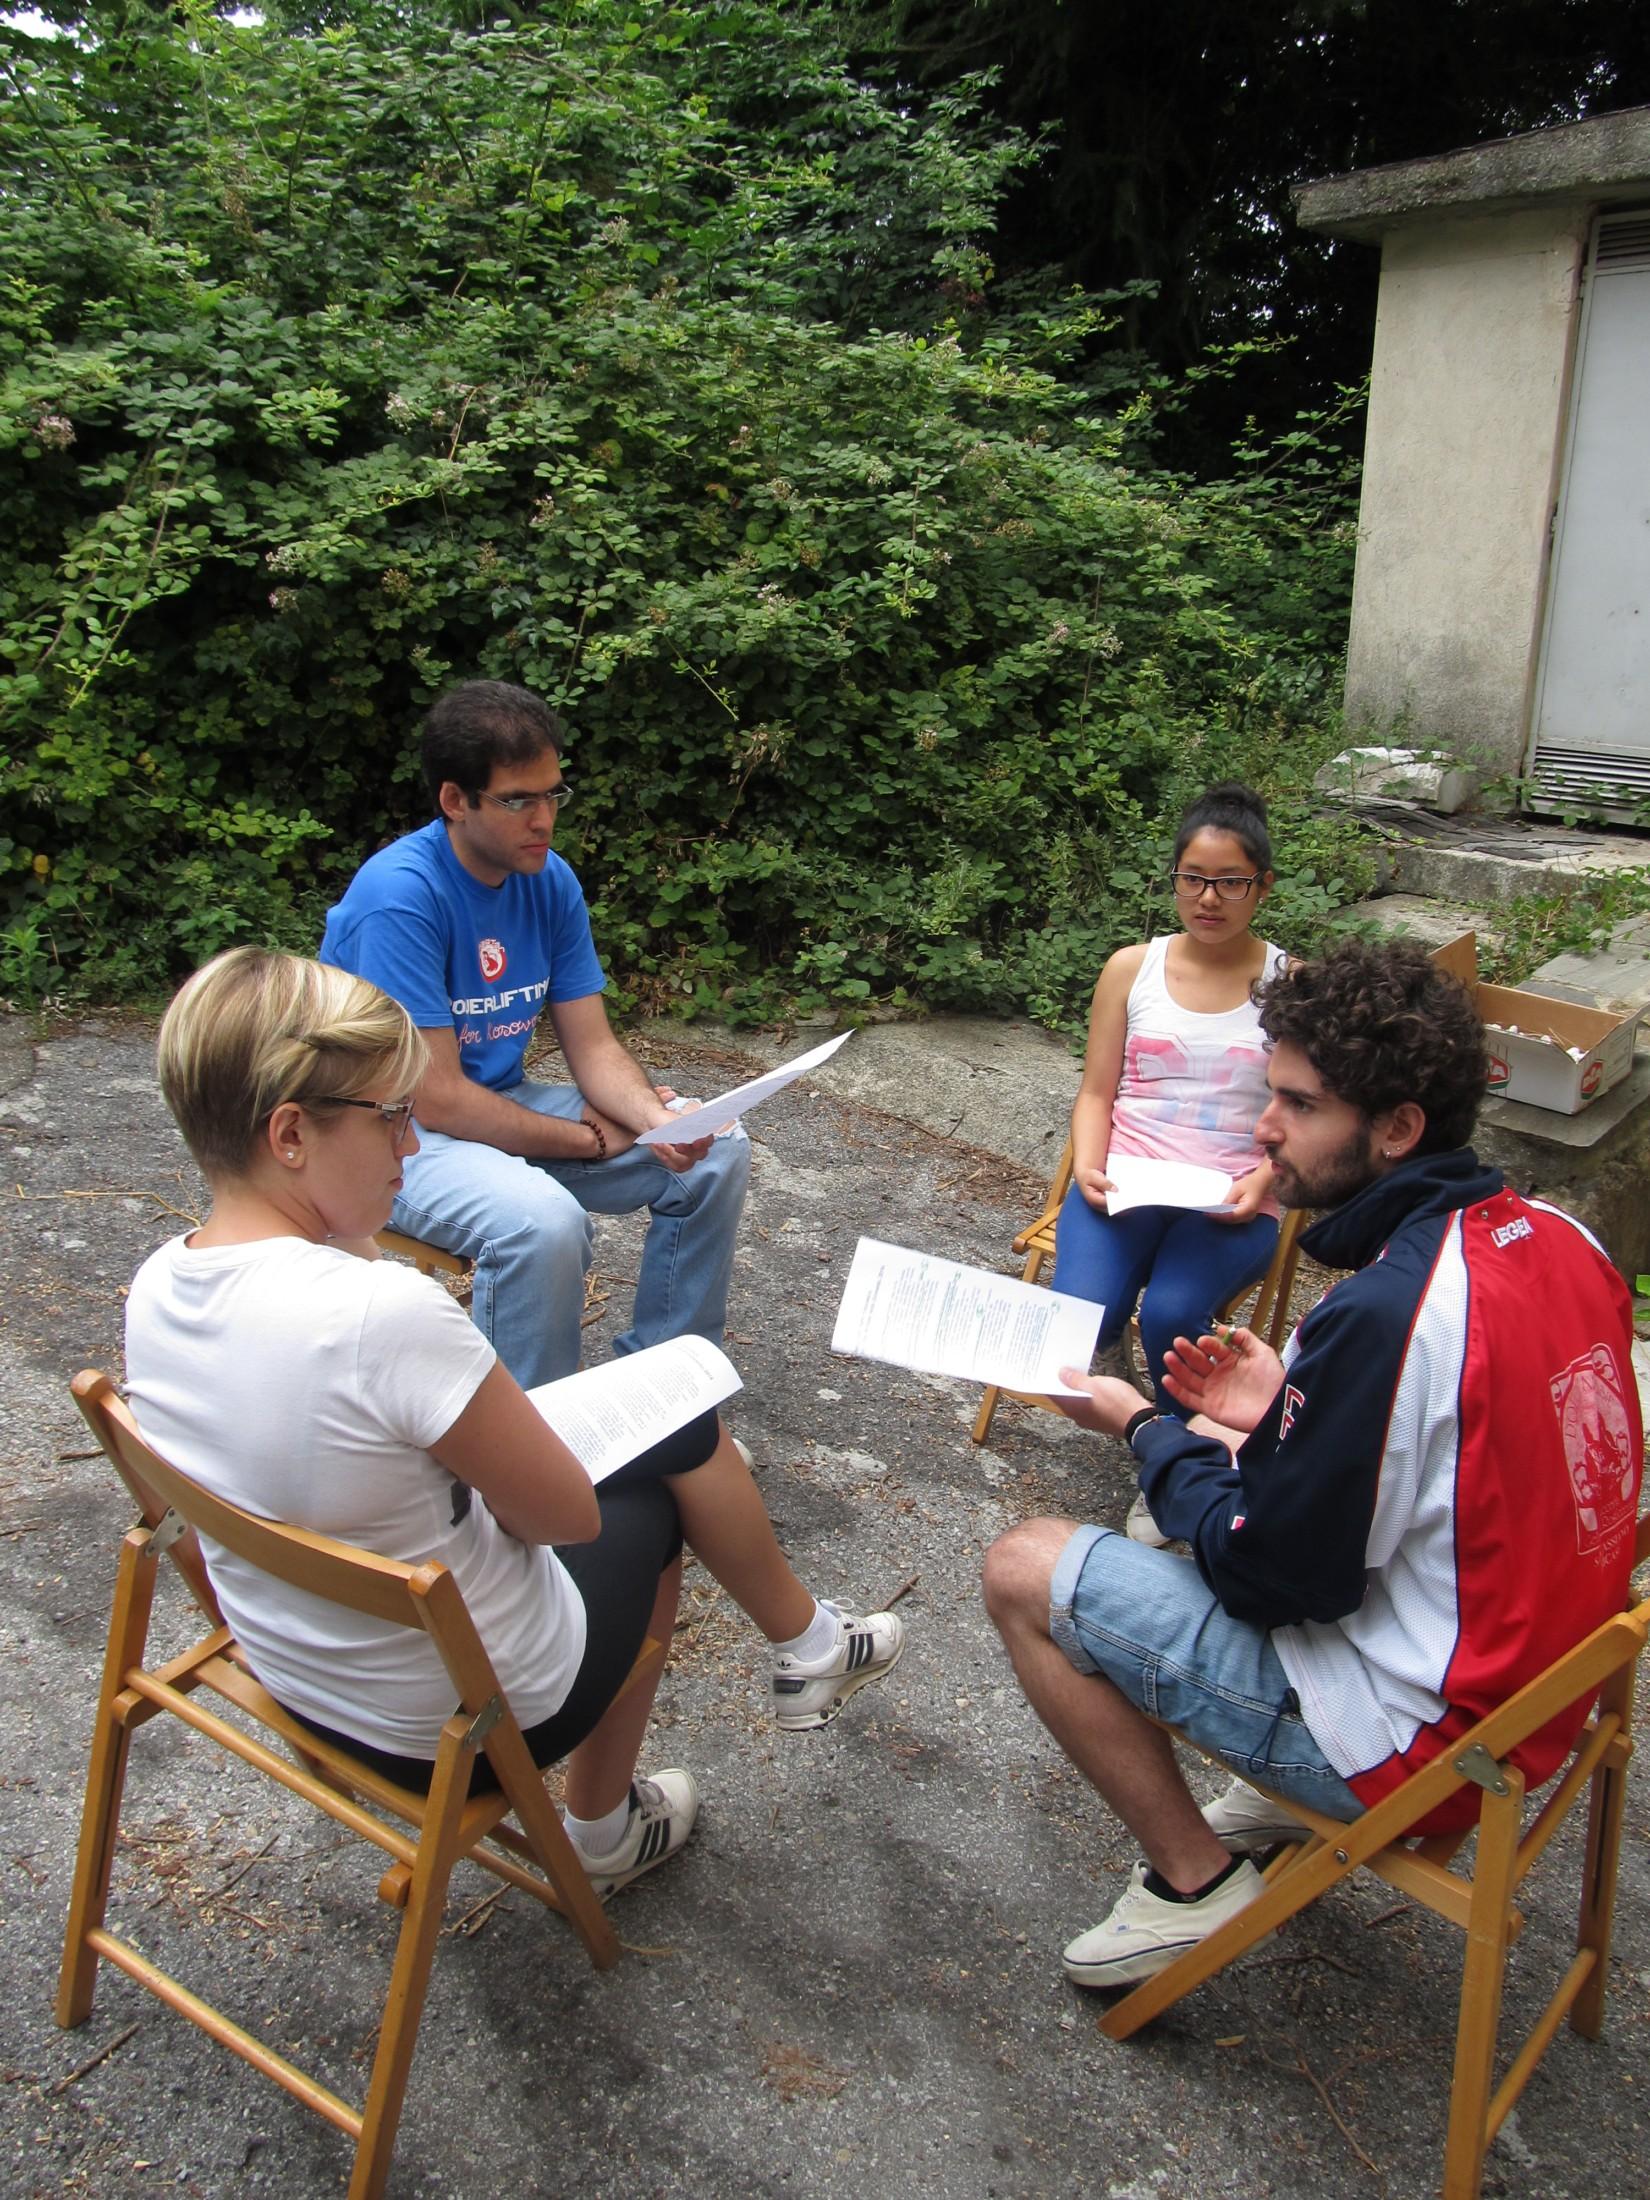 bivacco_monte_fasce_2014-07-12-11-19-59